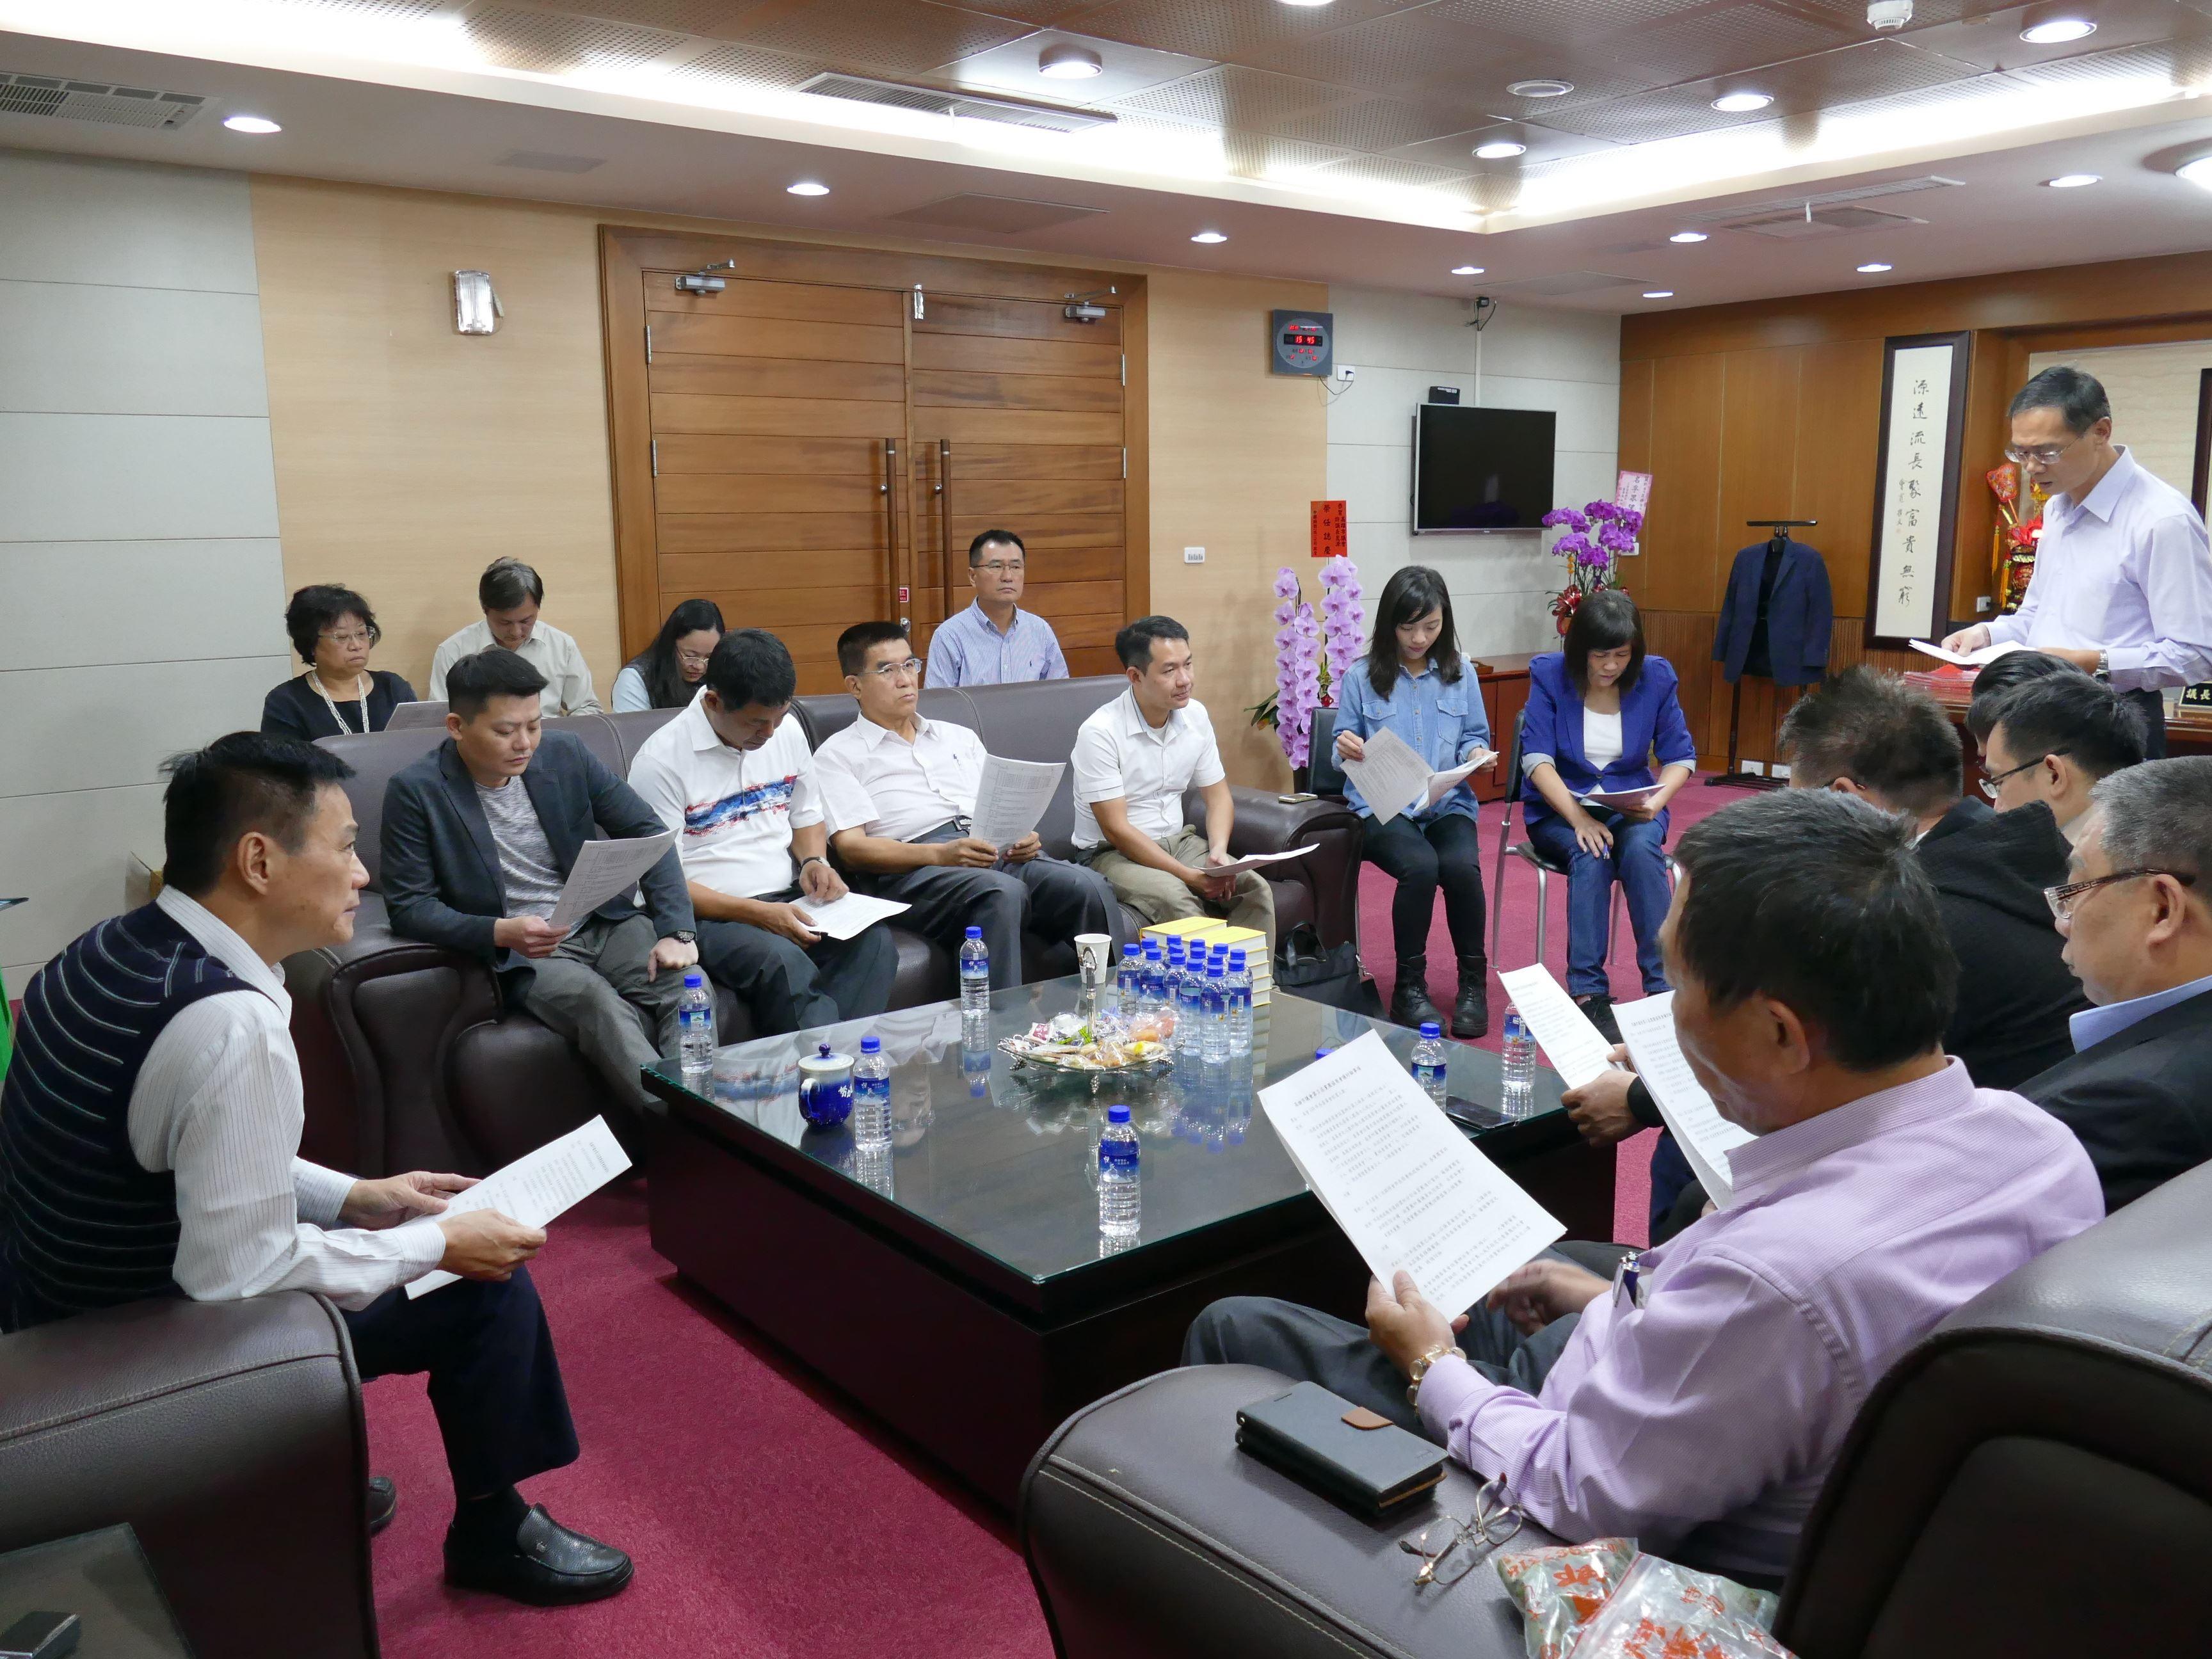 市長簡要施政報告後由民進黨團、無黨團結聯盟及國民黨團依序質詢